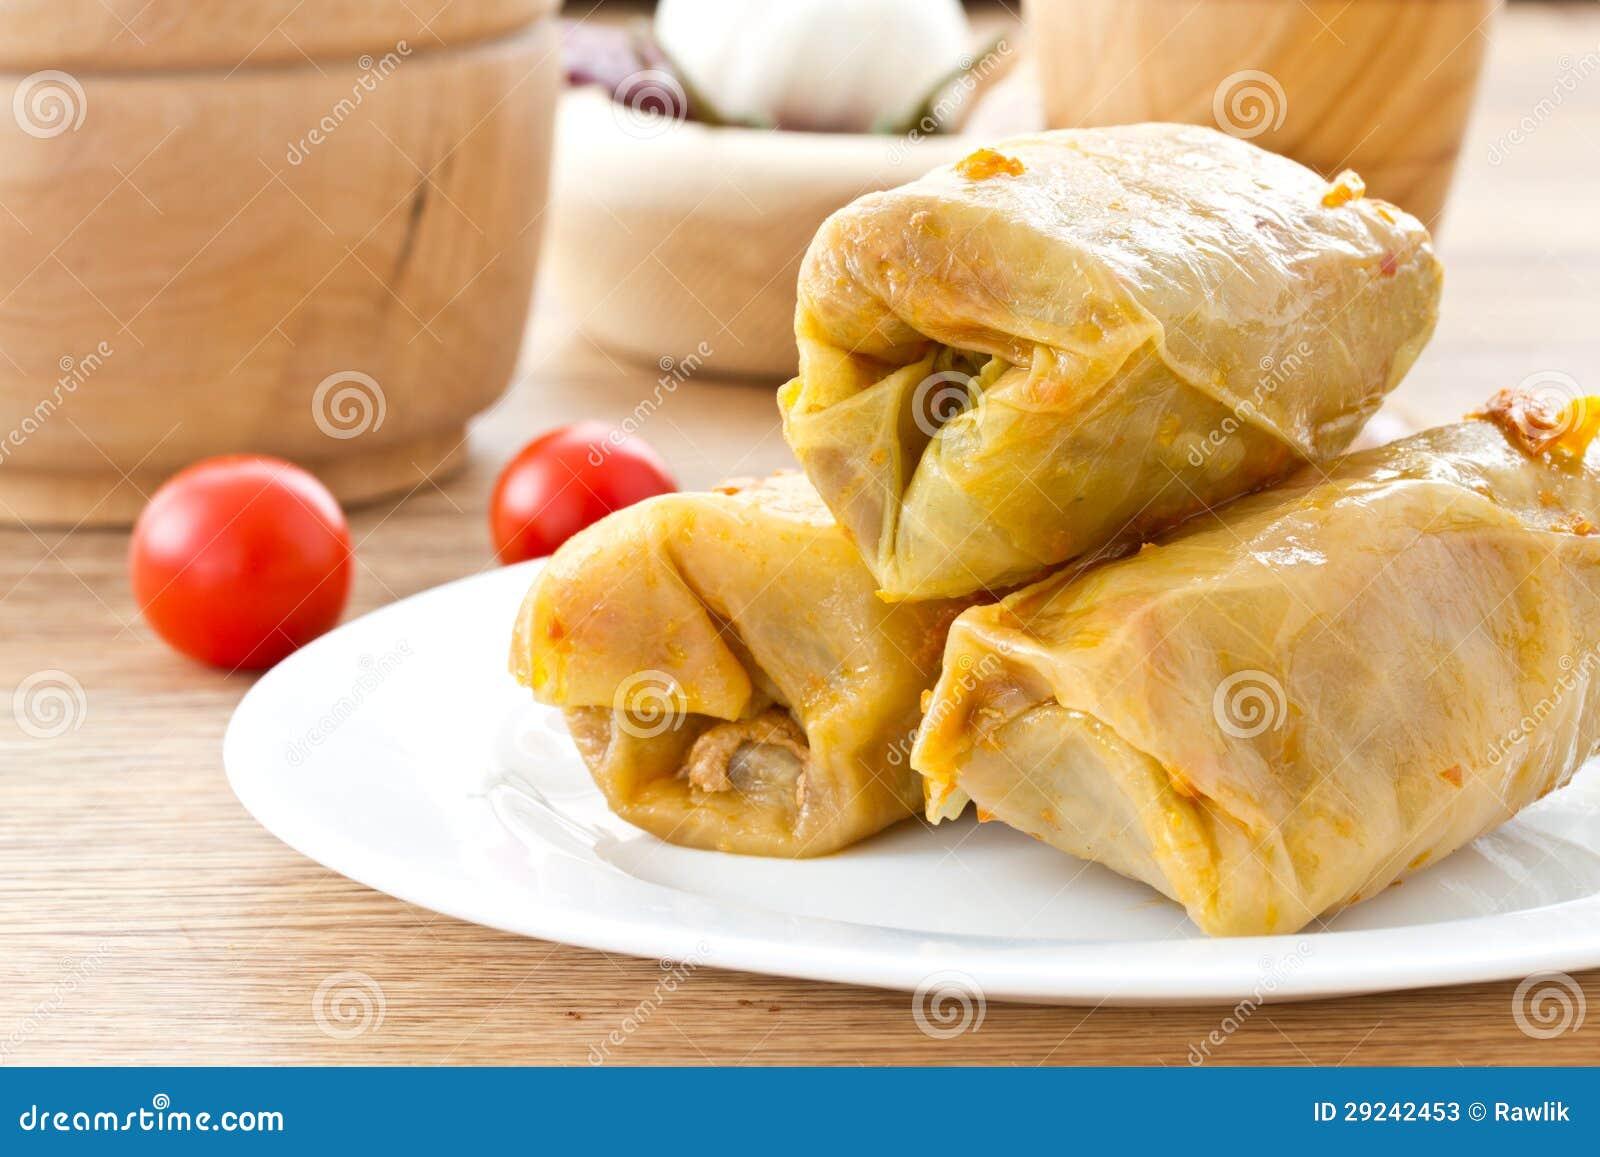 Download Couve enchida com carne imagem de stock. Imagem de cuisine - 29242453